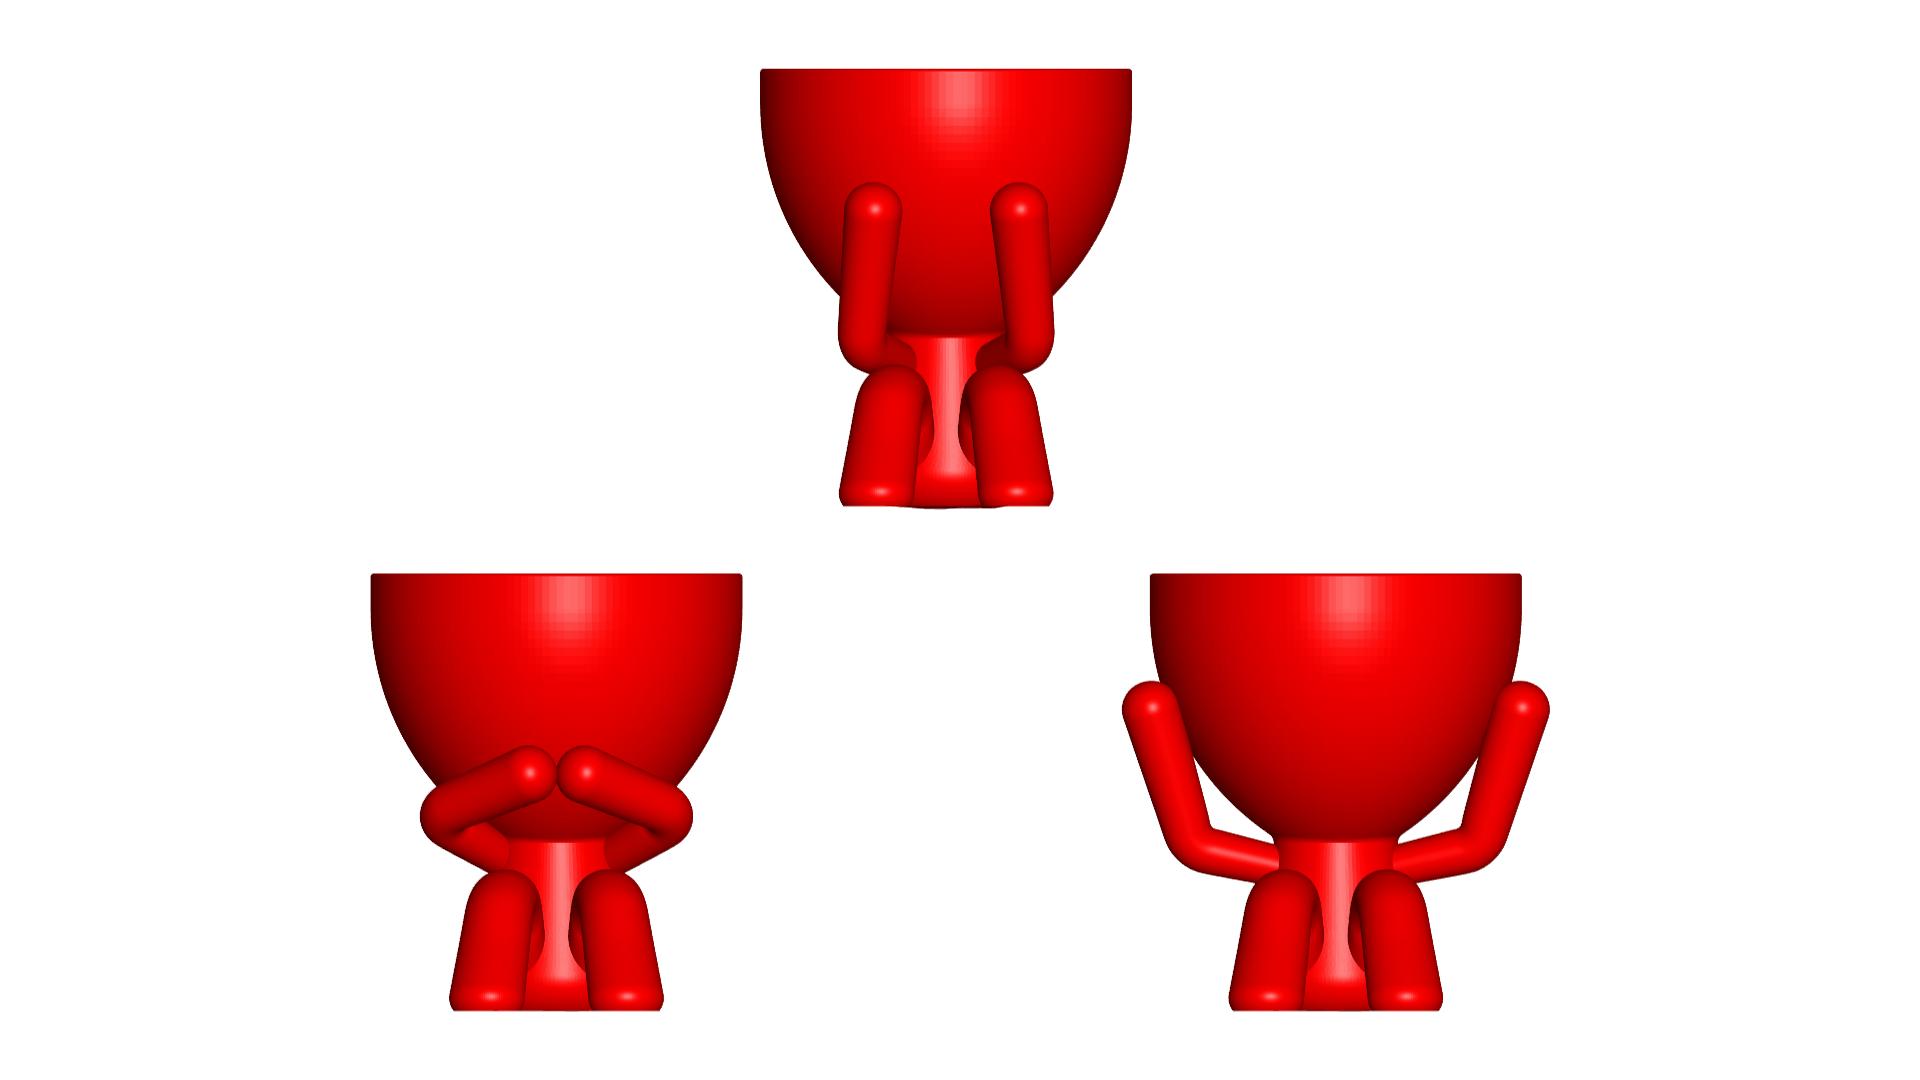 los 3 sabios_rojo.png Télécharger fichier STL gratuit Les 3 pots verres Robert Sabios Ne lit pas, n'écoute pas, ne voit pas - Les 3 pots verres Robert Sabios Ne lit pas, n'écoute pas, ne voit pas • Objet à imprimer en 3D, CREATIONSISHI